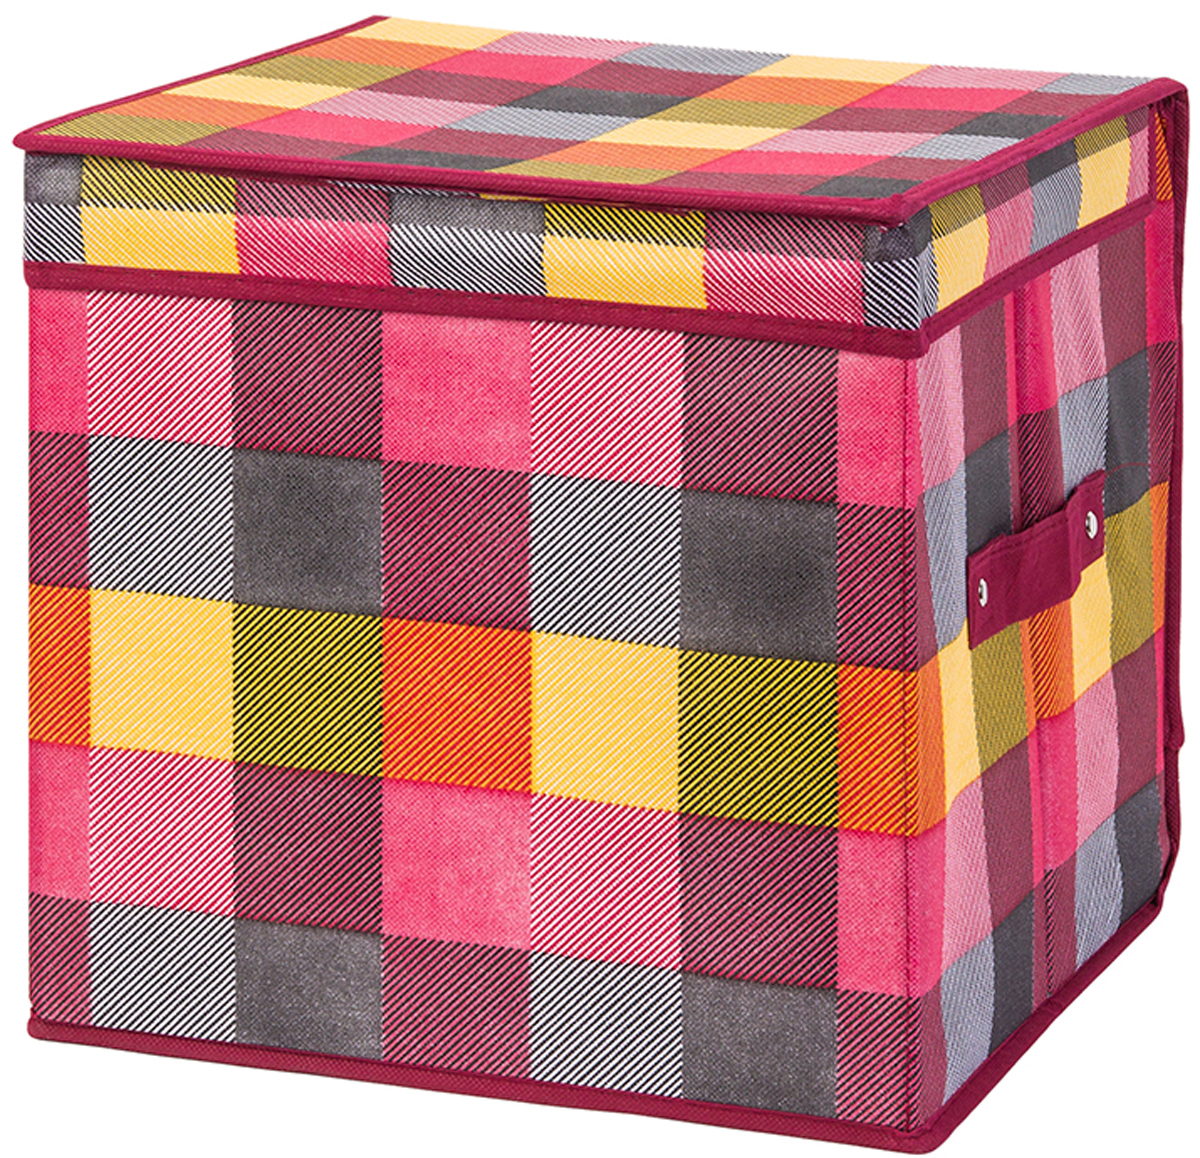 Кофр складной для хранения El Casa Яркая клетка, 31 х 31 х 31 см370753Кофр для хранения представляет собой закрывающуюся крышкой коробку жесткой конструкции, благодаря наличию внутри плотных листов картона. Специально предназначен для защиты Вашей одежды от воздействия негативных внешних факторов: влаги и сырости, моли, выгорания, грязи. Позволит организовать хранение перчаток, ремней, шарфов. Размер 31х31х31 см.Кофр складной для хранения 31*31*31 см. EL Casa Яркая клетка + ручка, квадрат